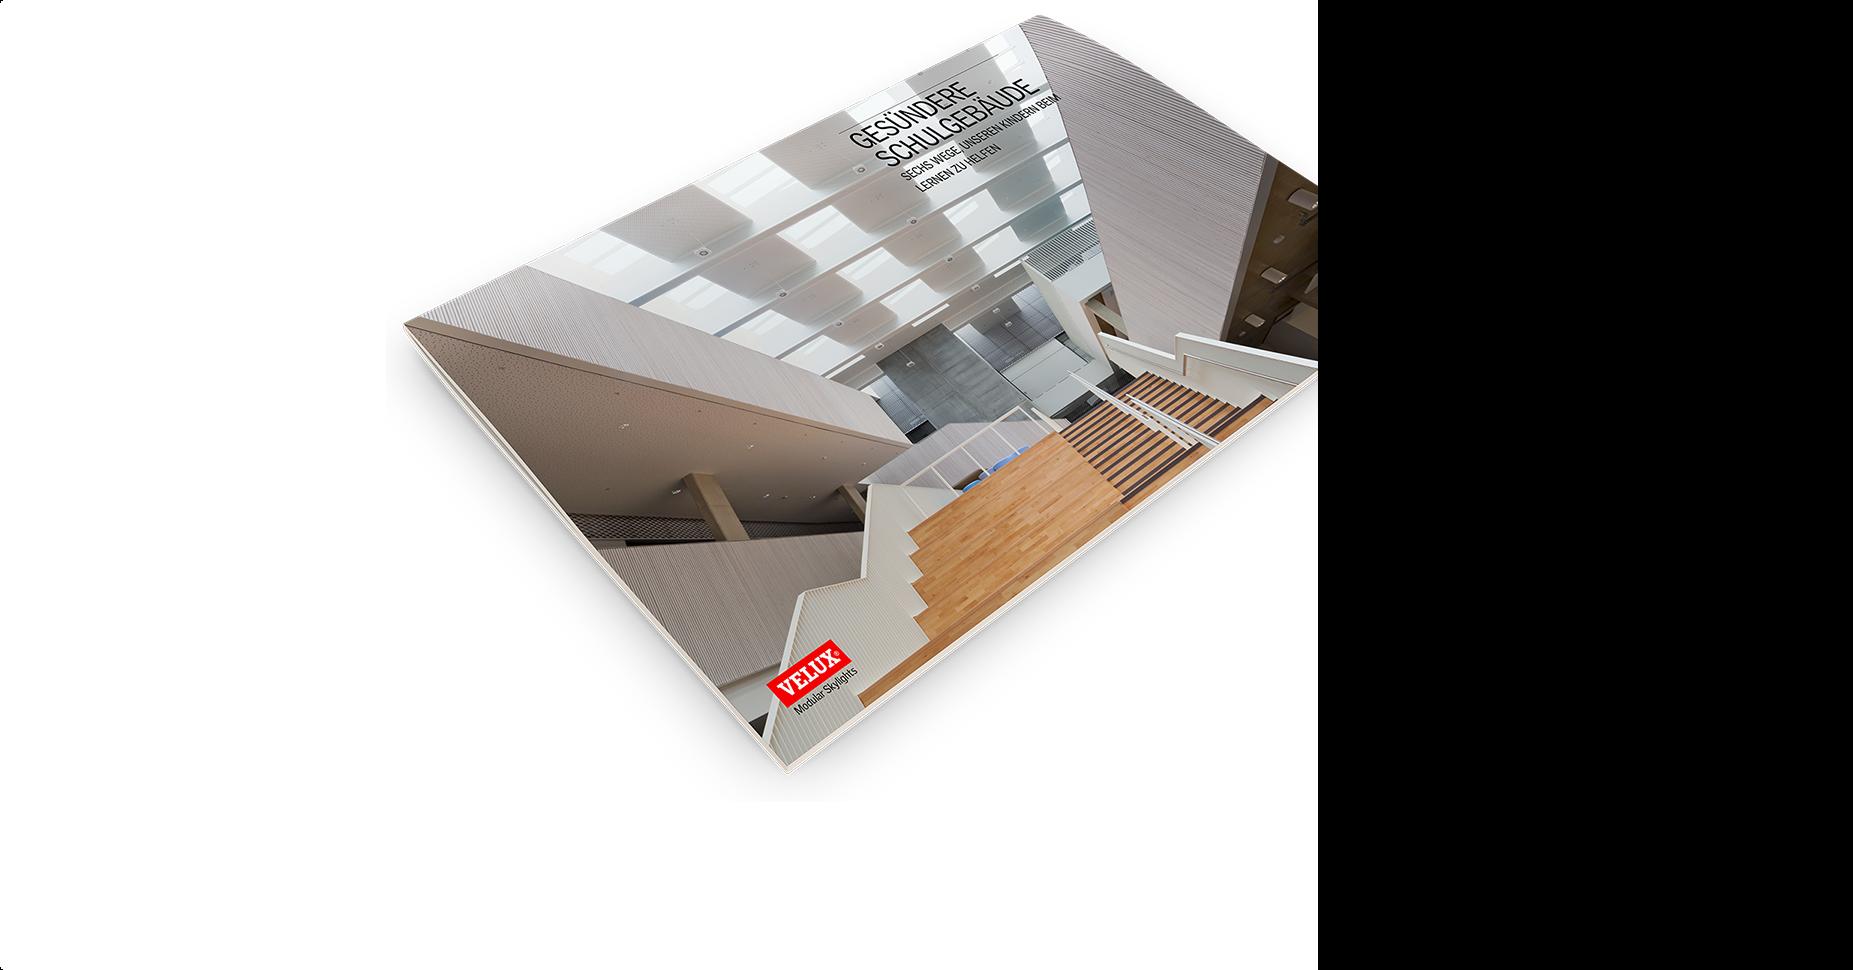 Grossartig designte Schulgebäude  Laden Sie das Referenzbuch herunter, das anhand von acht bereits realisierten  Projekten zeigt, wie Architekten mit VELUX Modular Skylights gesündere und  hellere Schulen entwerfen können. Referenzbuch herunterladen